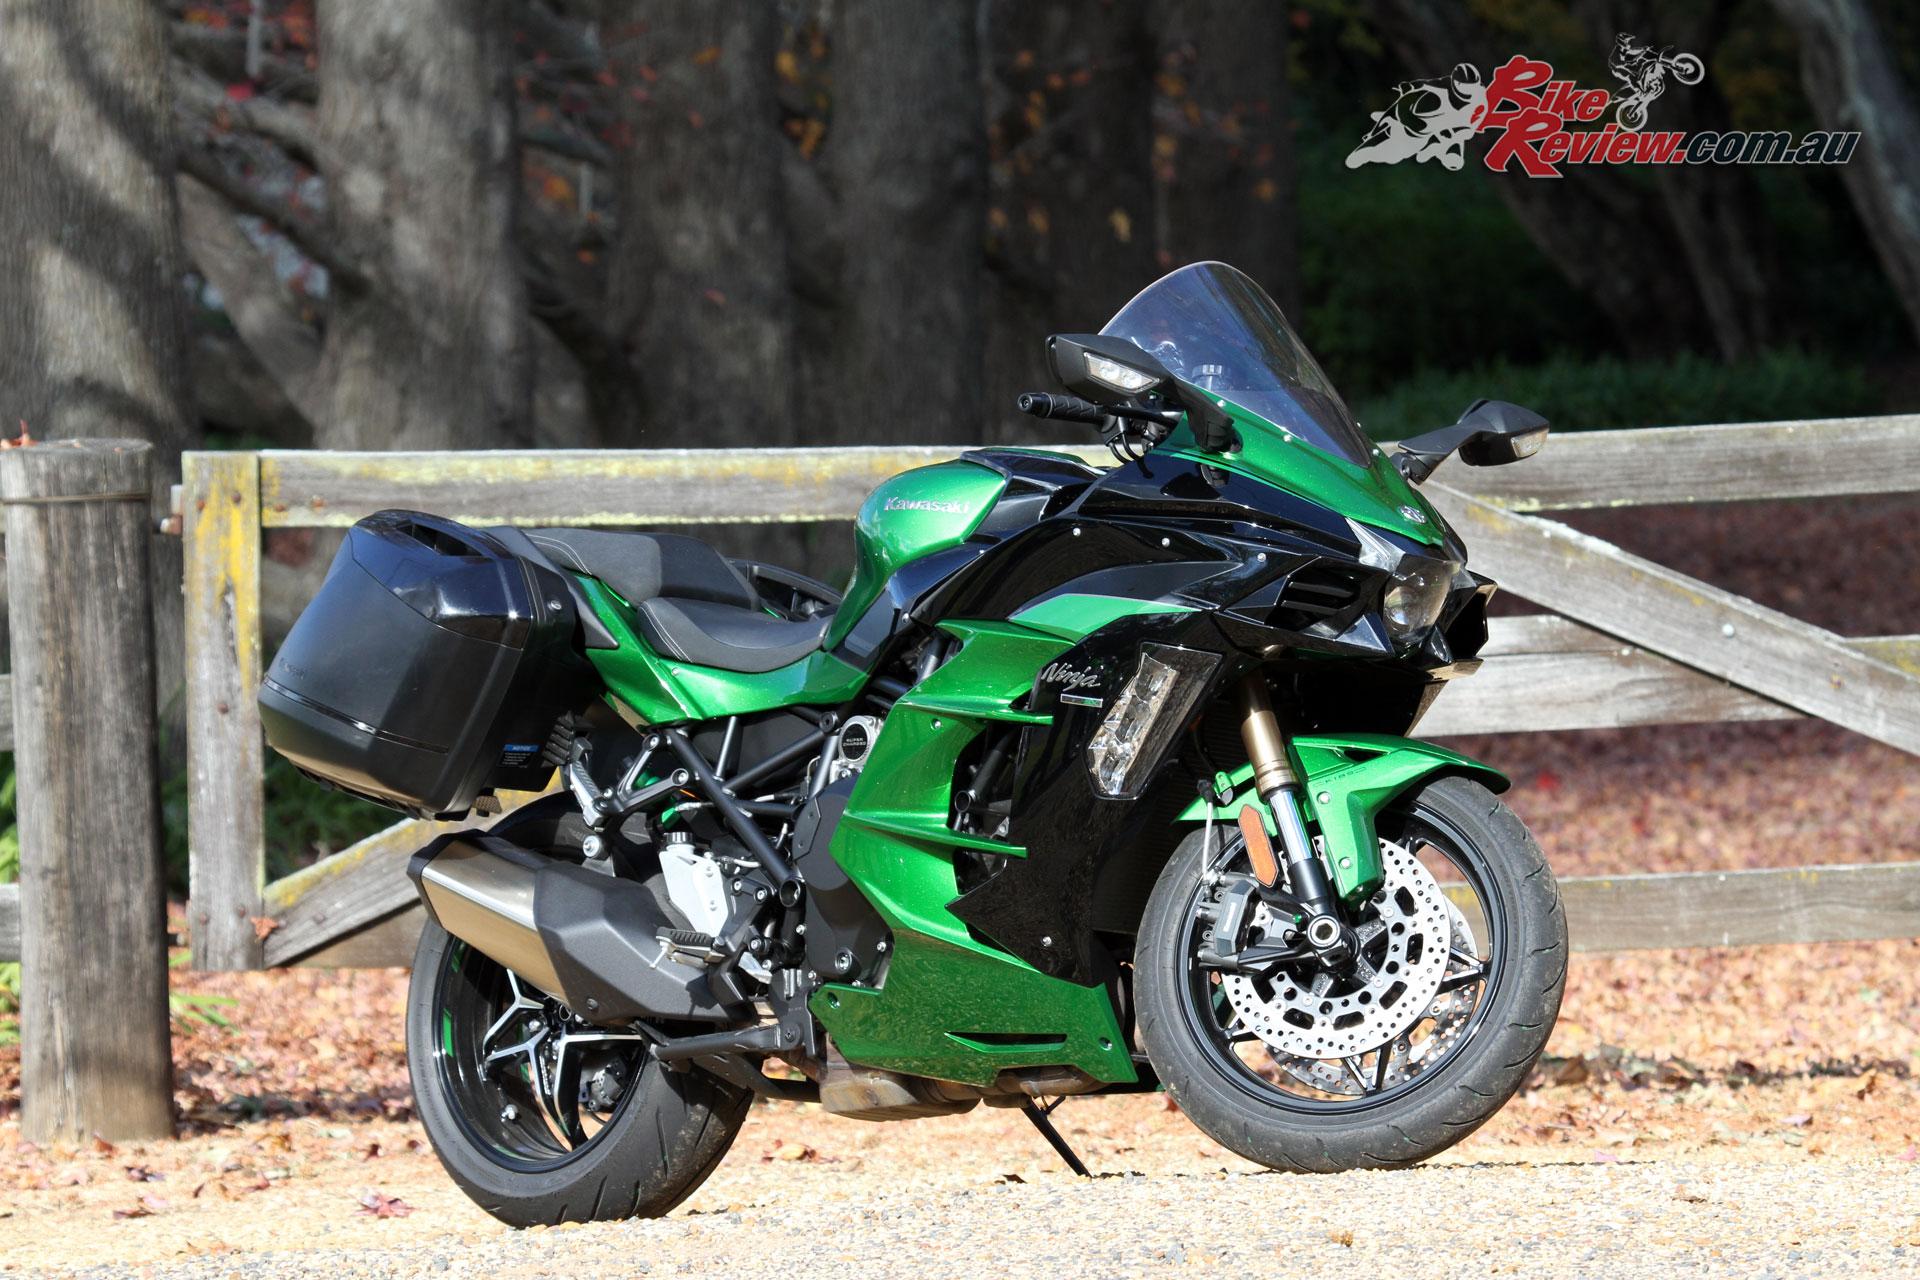 Review 2018 Kawasaki Ninja H2 Sx Se Bike Review